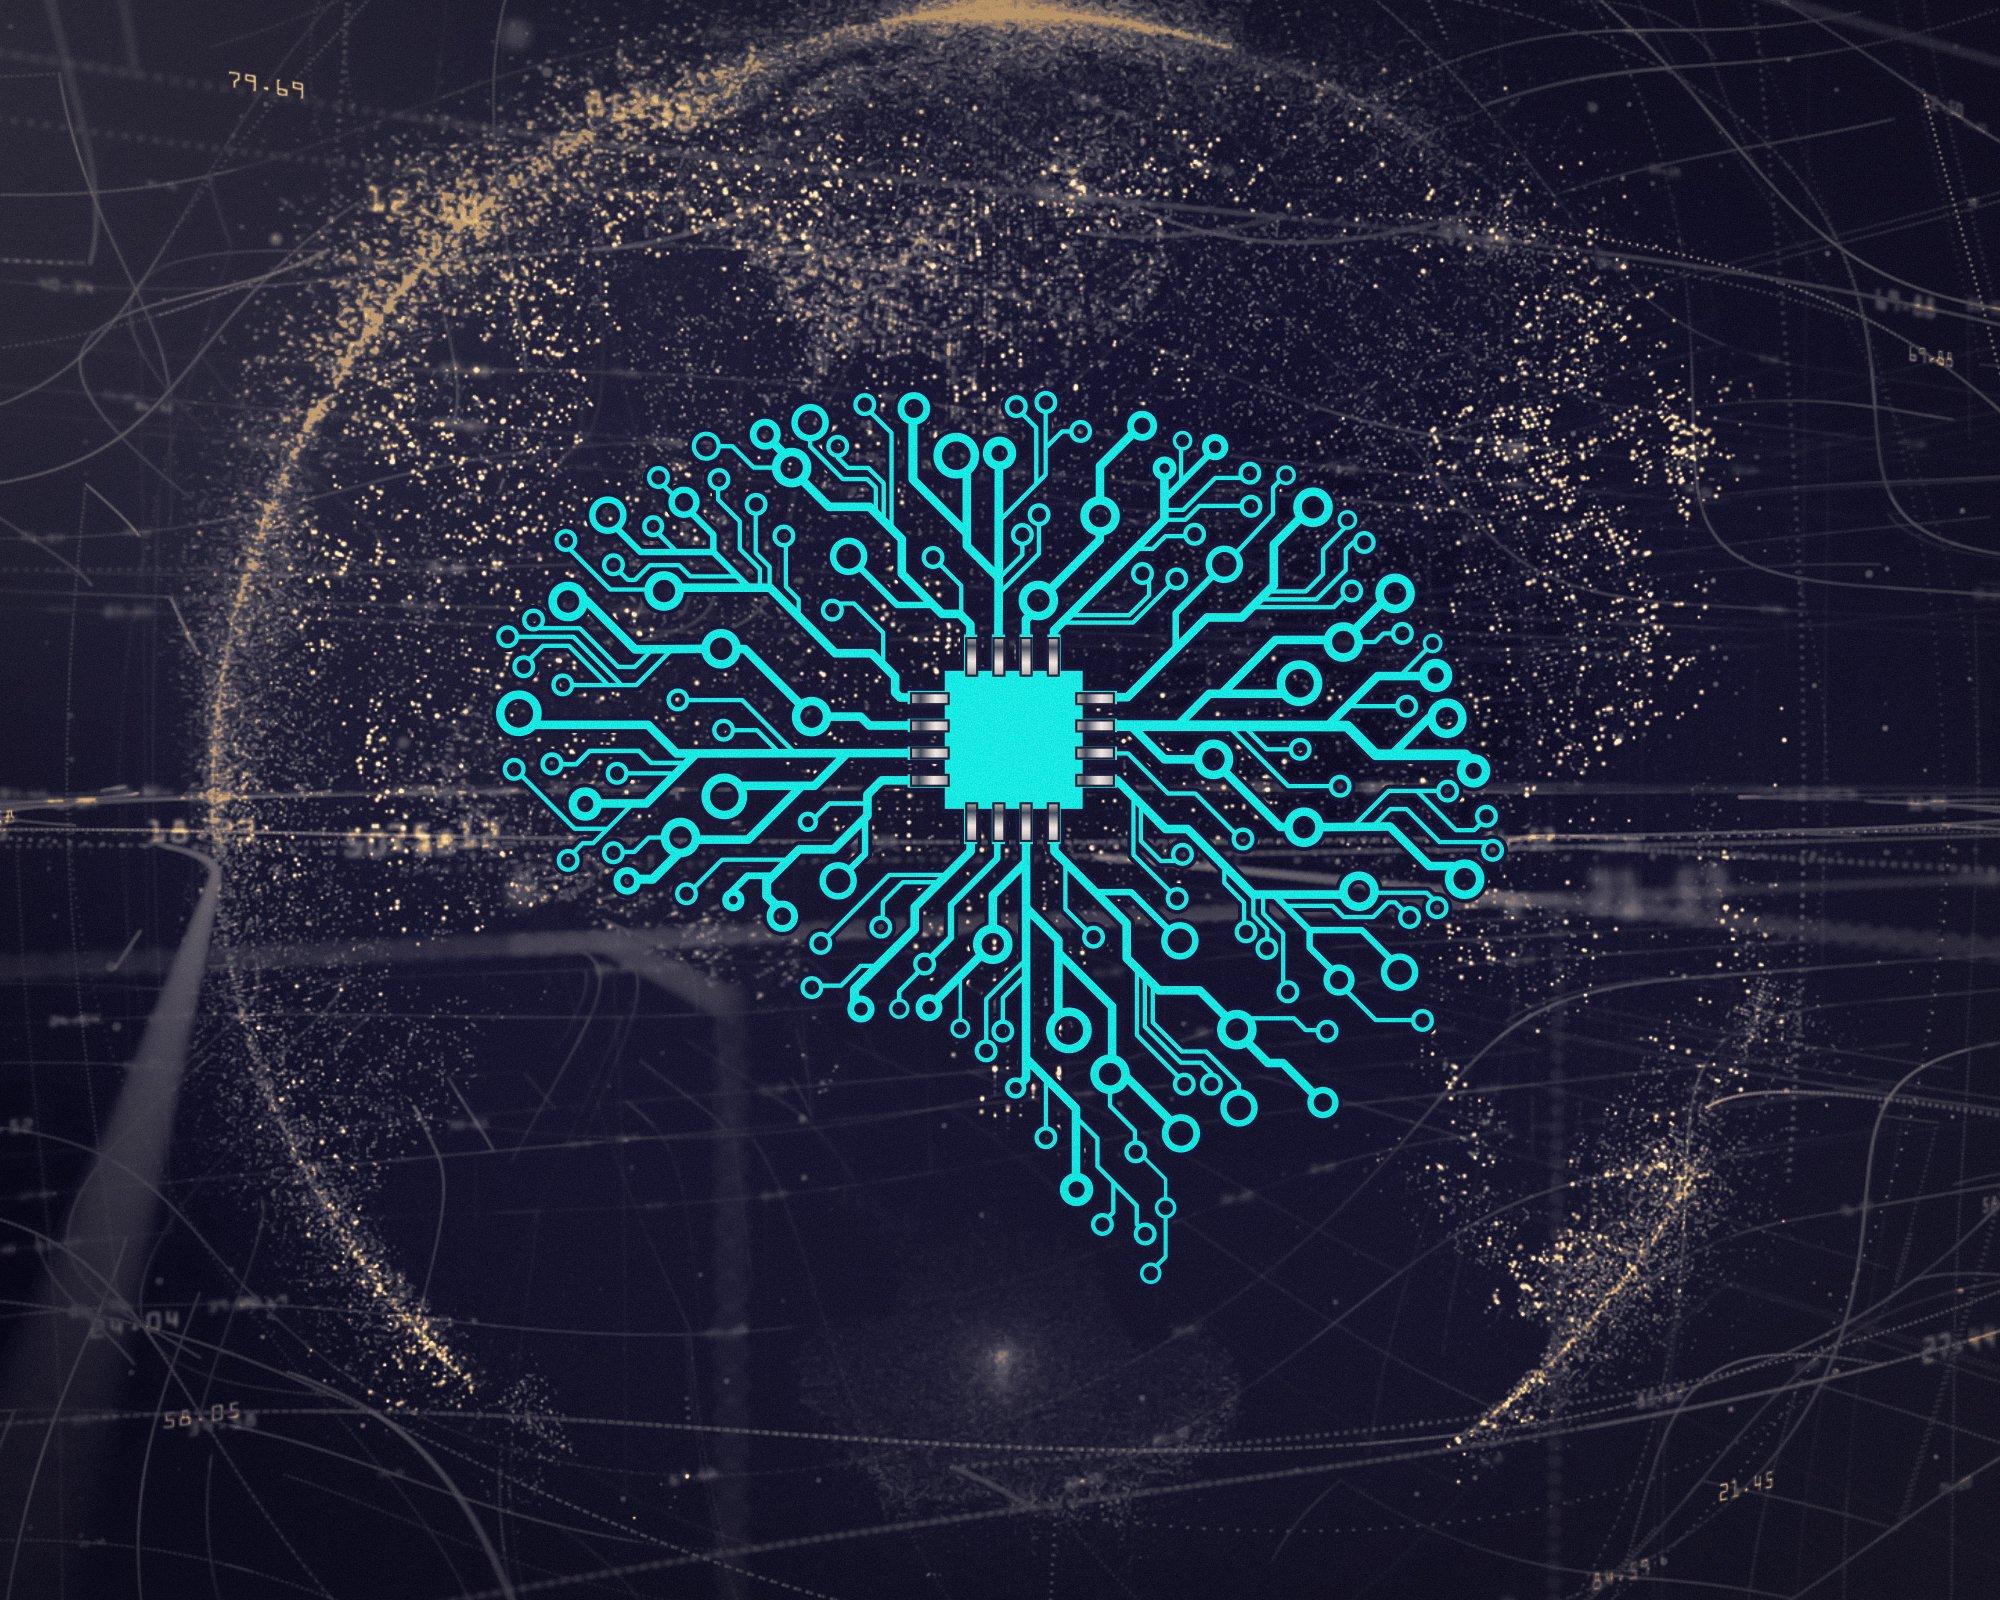 MiniSI #1: Czym jest sztuczna inteligencja? 21